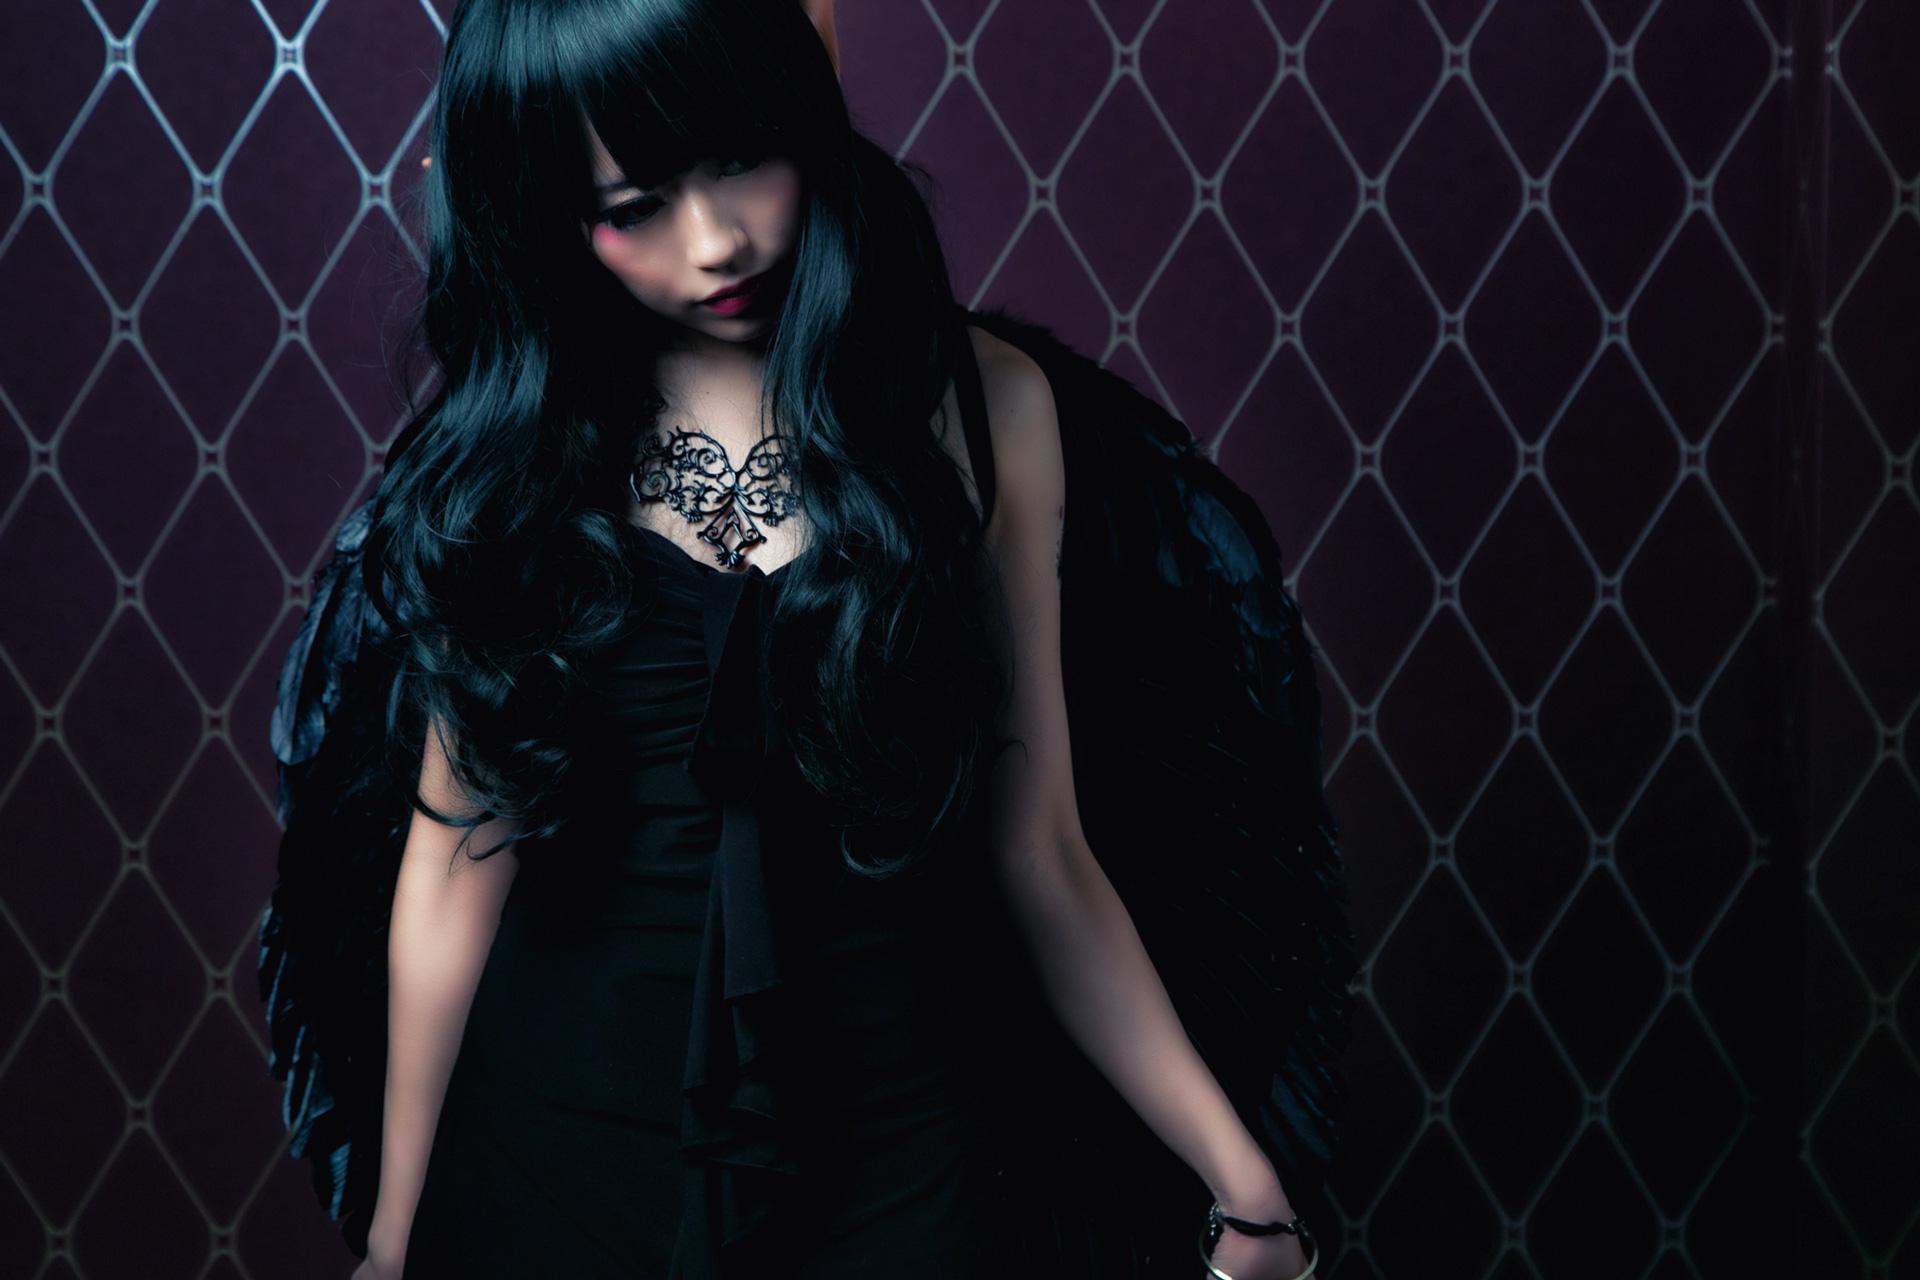 オリジナル堕天使 モデル:紫音パンツさん